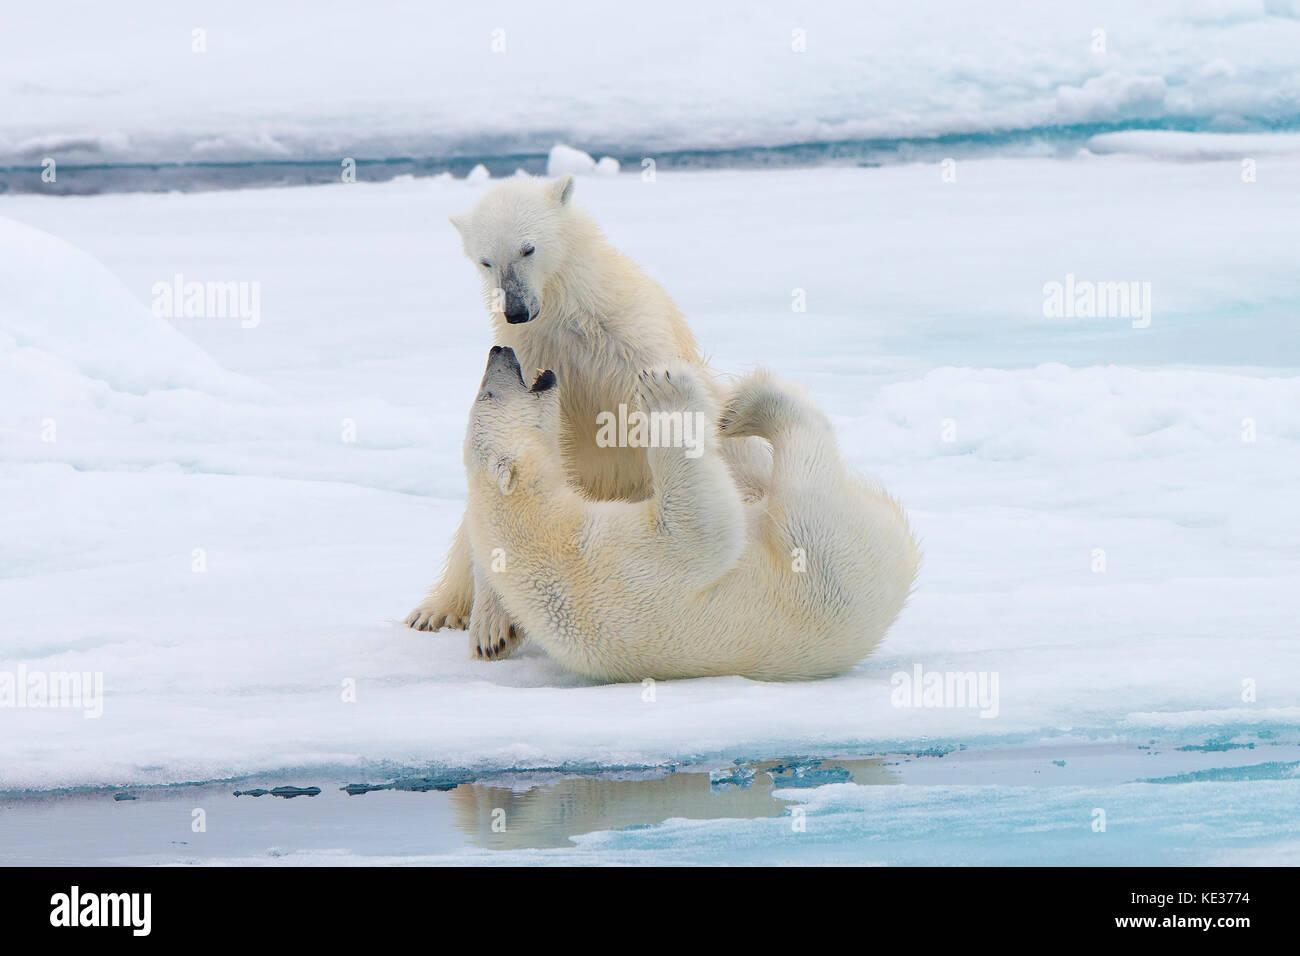 Nach weiblichen Eisbären (Ursus maritimus) Interaktion auf dem Meereis, Svalbard, Das arktische Norwegen Stockbild